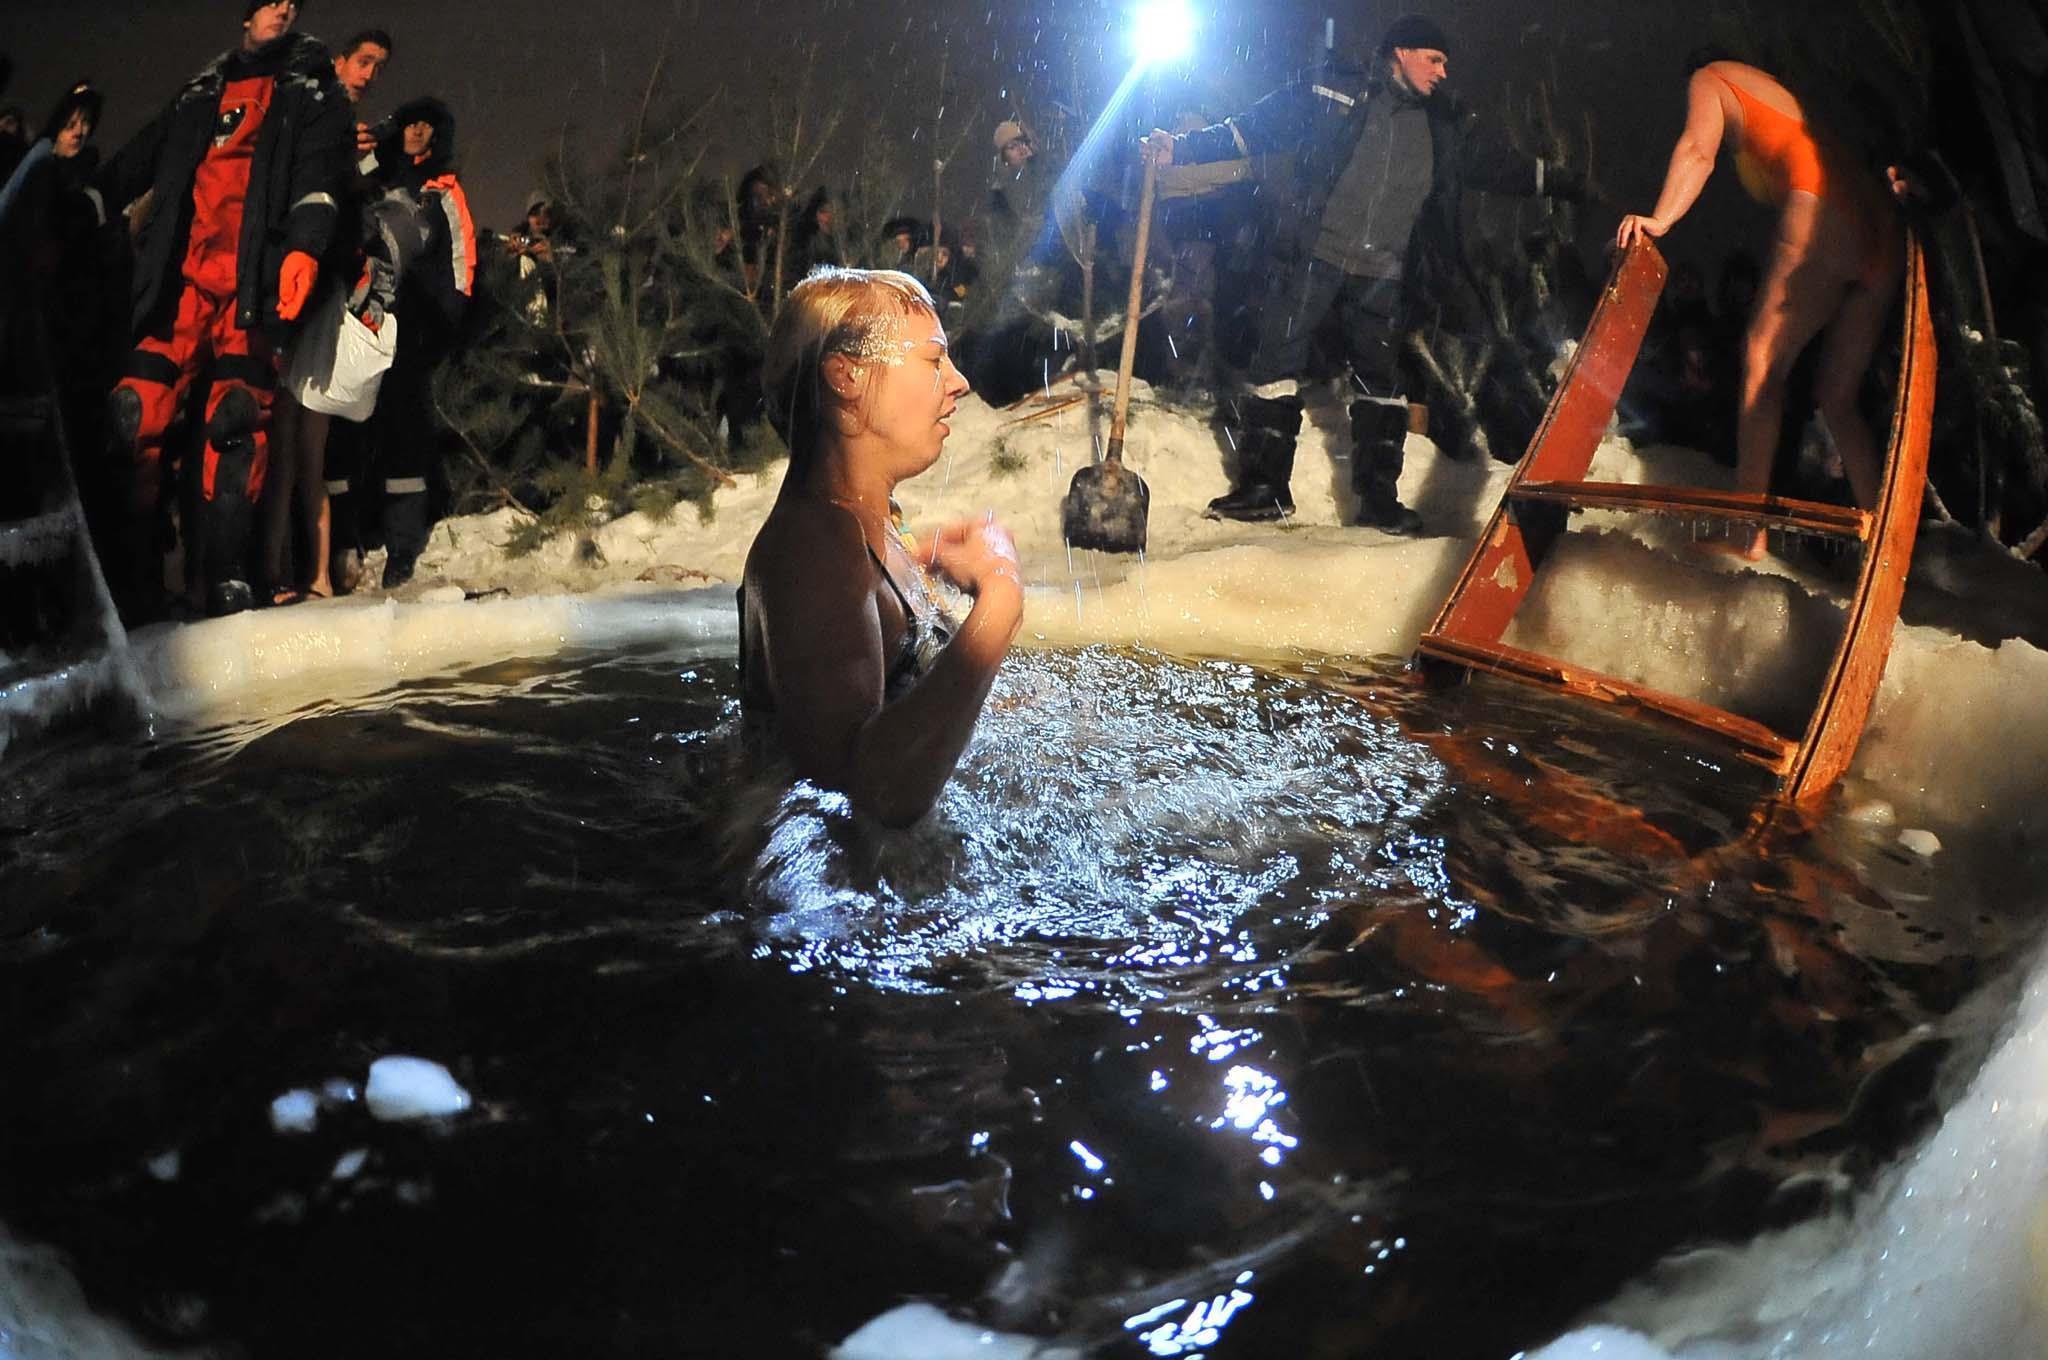 В Самарской области МЧС рекомендует отказаться от купания на открытых водоёмах на Крещение